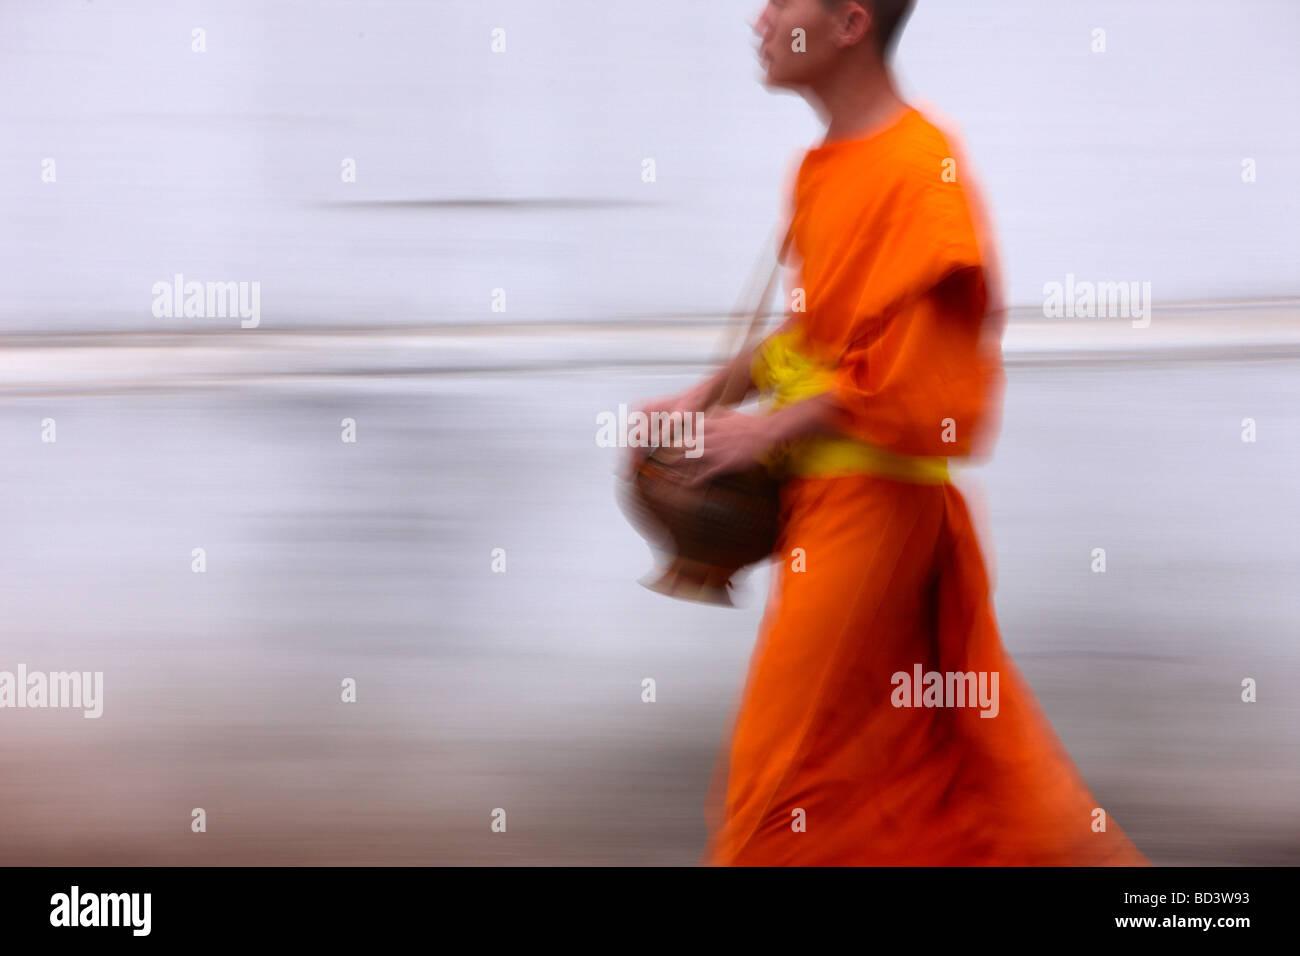 Mönche ein Spaziergang durch die Straßen in der Morgendämmerung sammeln Geschenke von Lebensmitteln, Stockbild